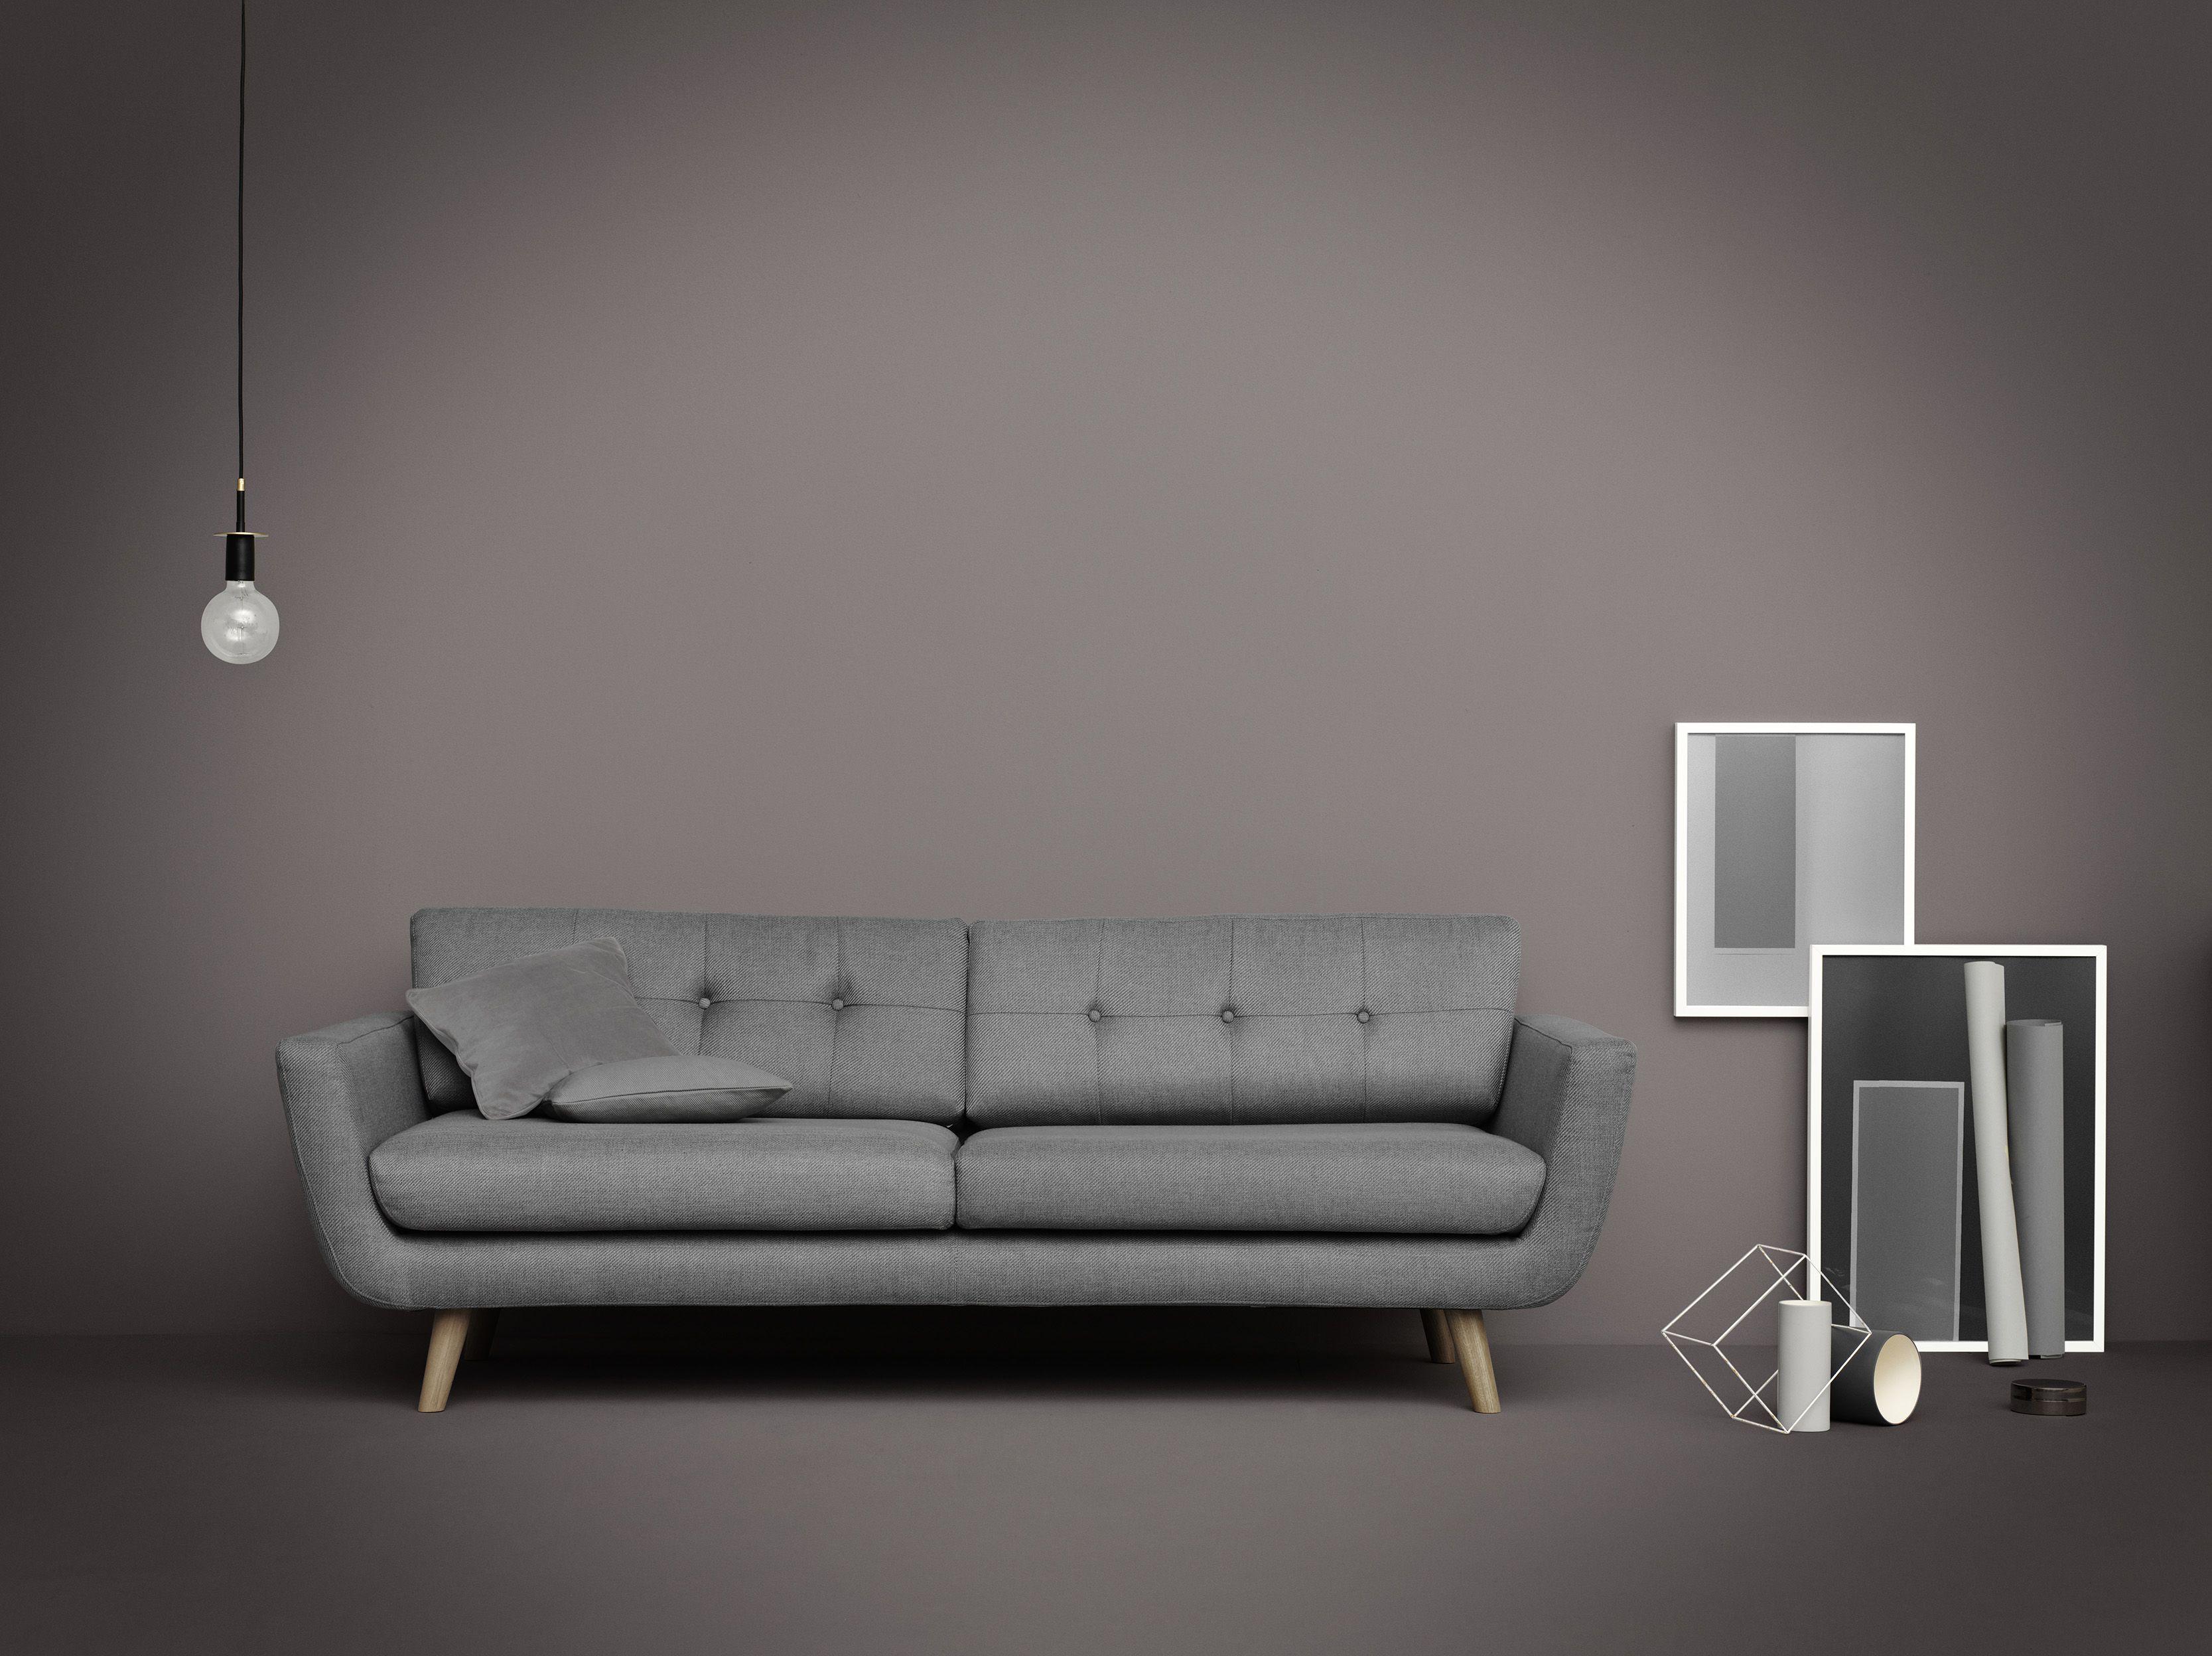 Frække Vera i grå omgivelser. Vores absolutte bestseller. Måske din nye sofa?